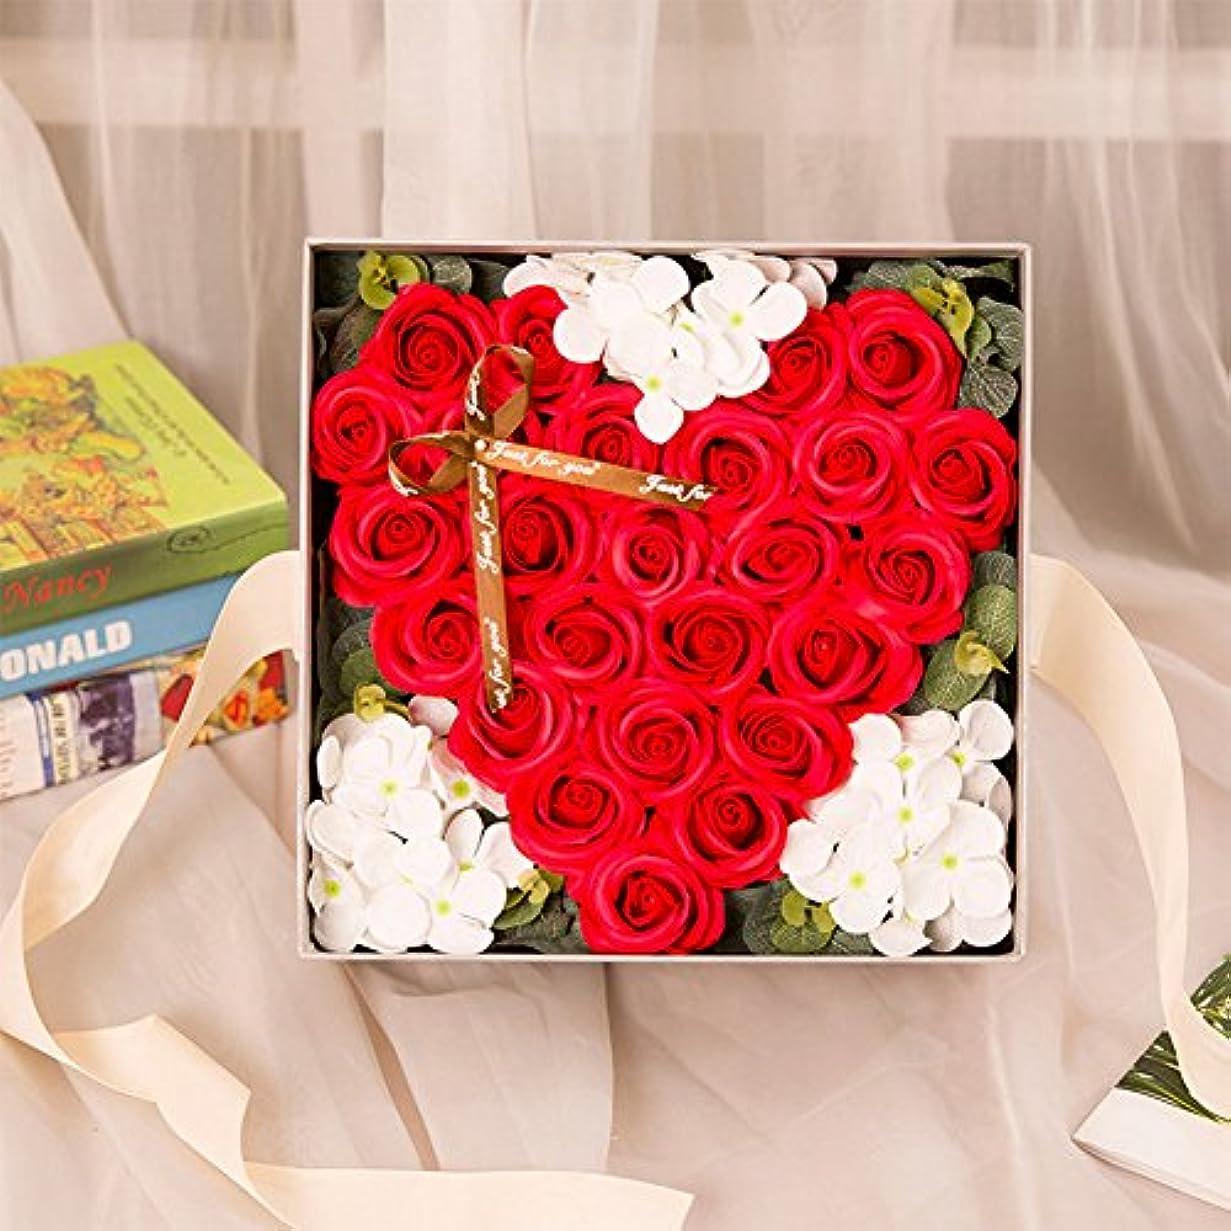 脱走刑務所ジョガーRaiFu クリエイティブ シミュレーションローズ手作り石鹸 ギフトボックスホームデコレーション ユニークなギフト 赤い桃の心